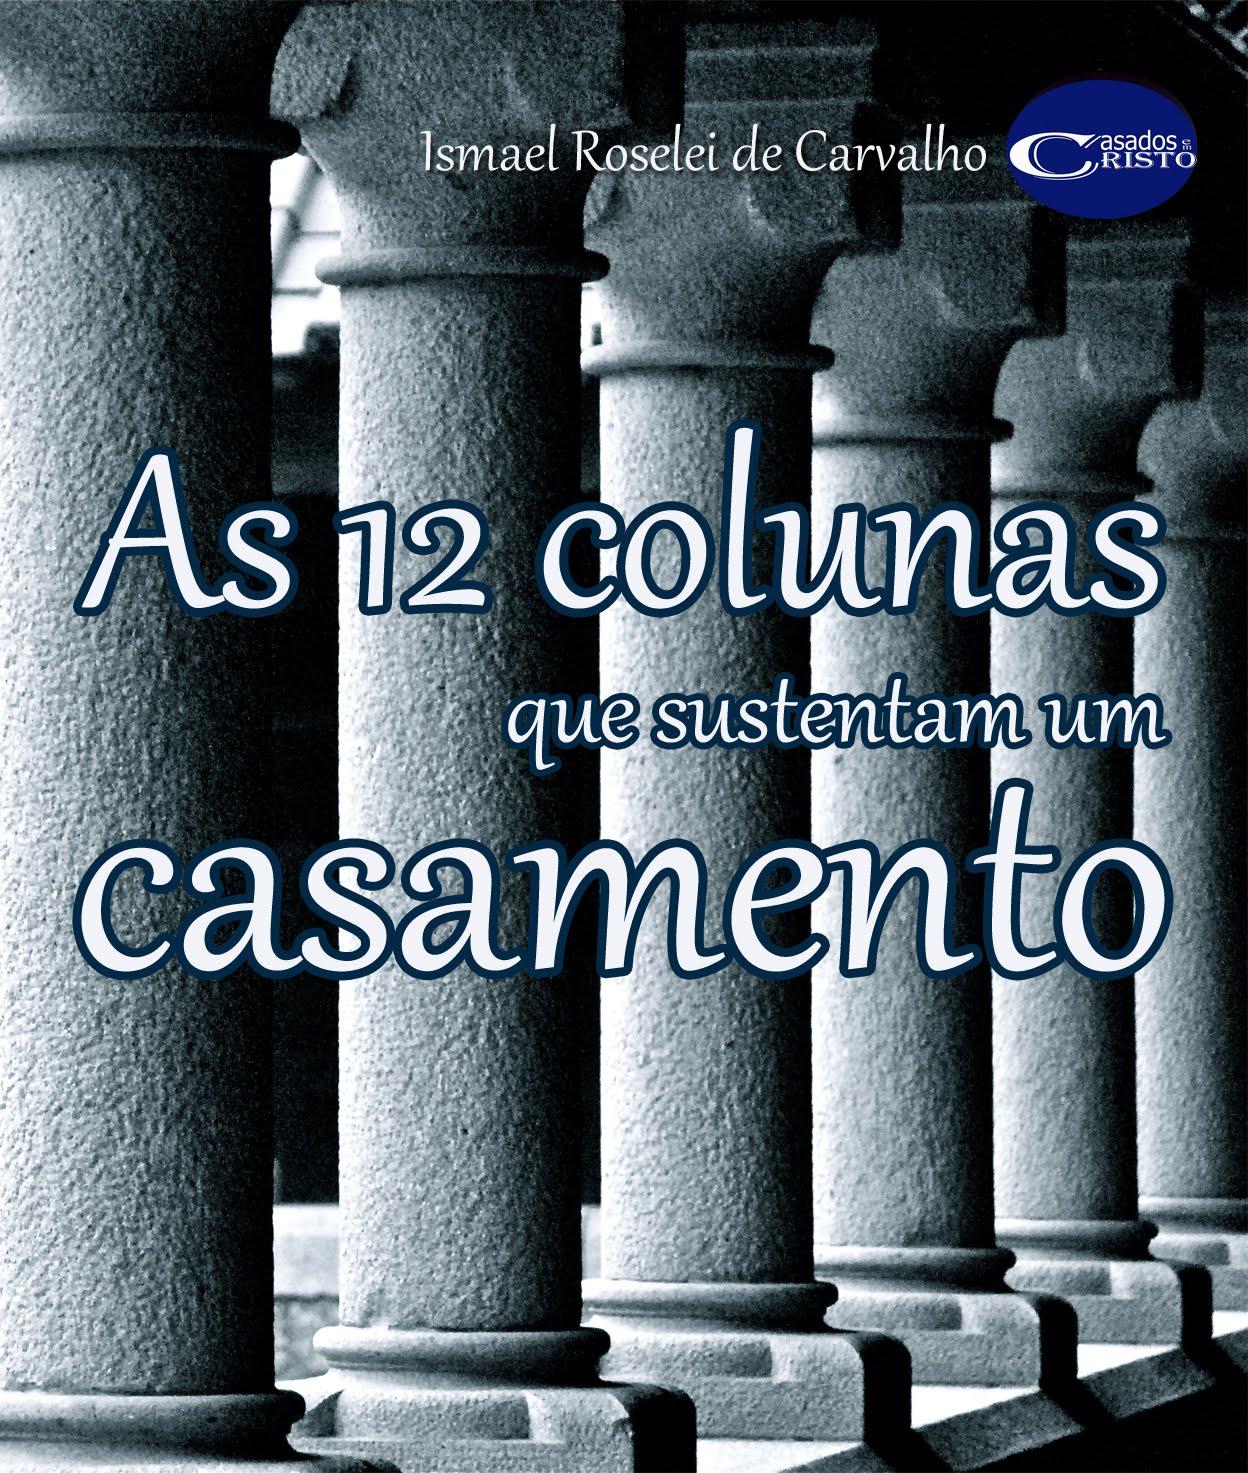 Livro As 12 Colunas que sustentam um casamento